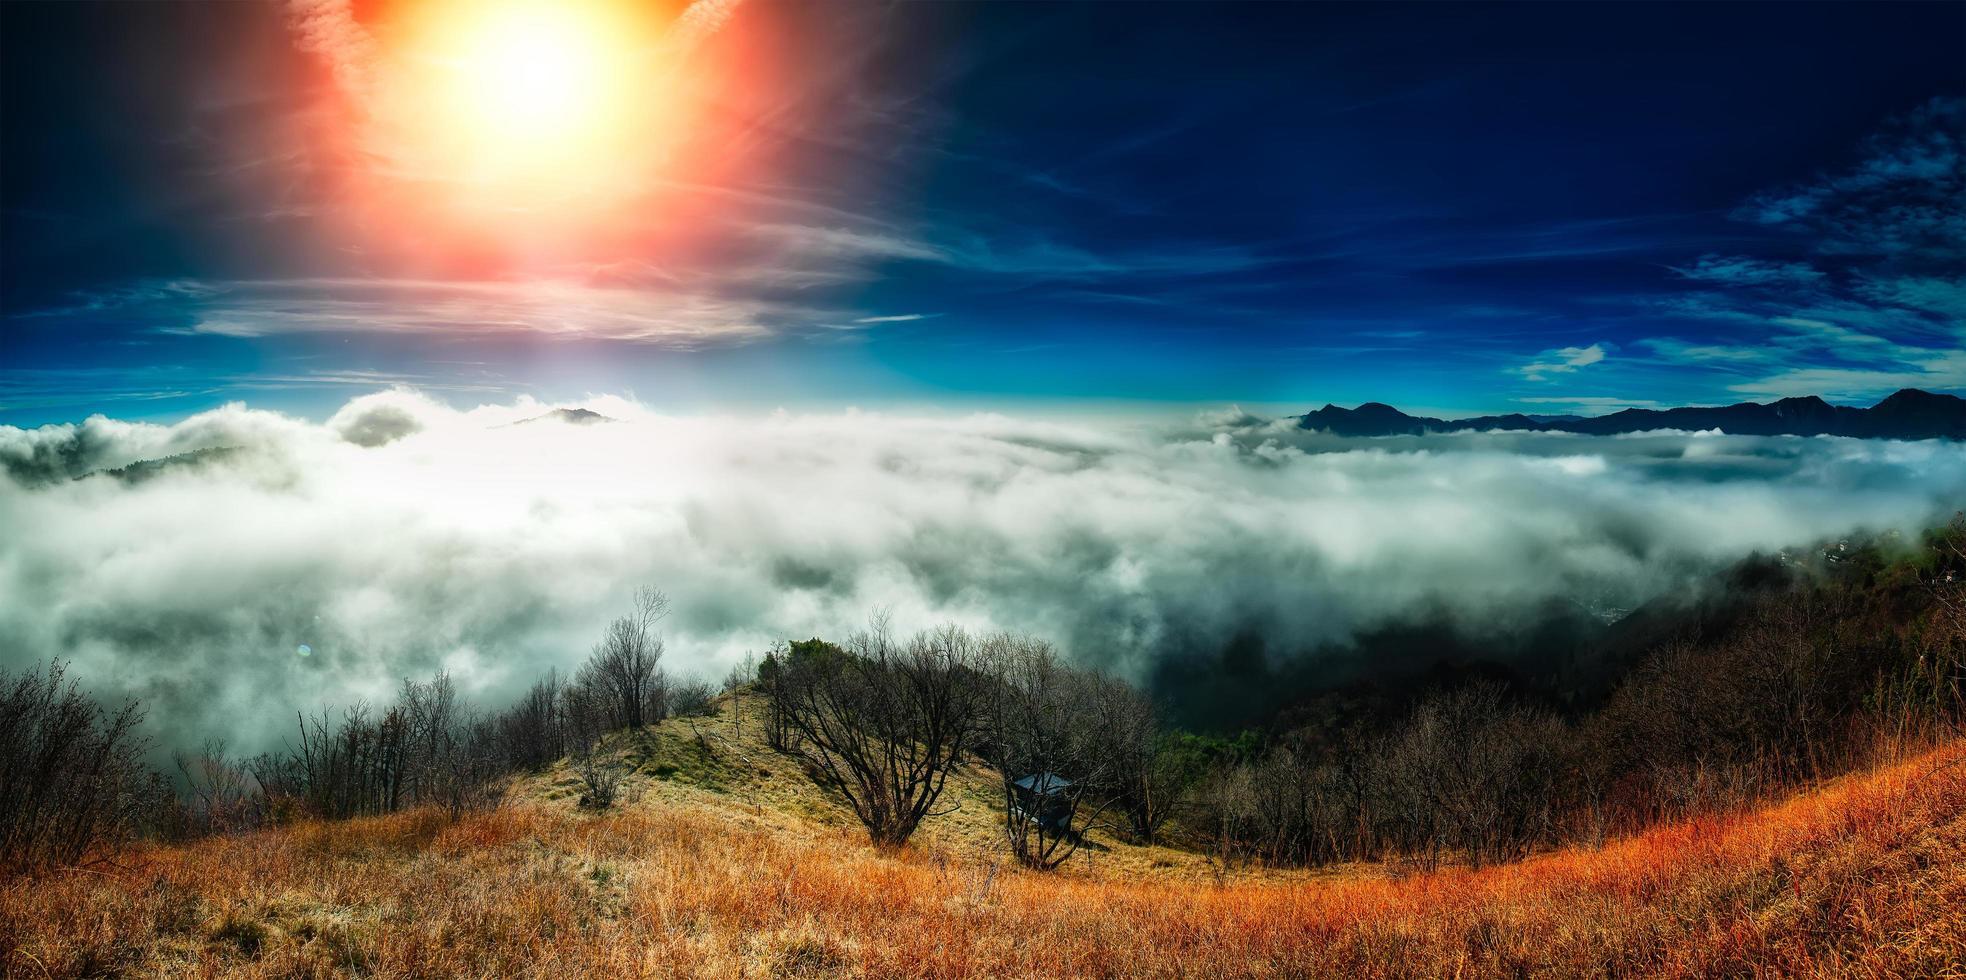 mar de niebla en otoño en las montañas foto